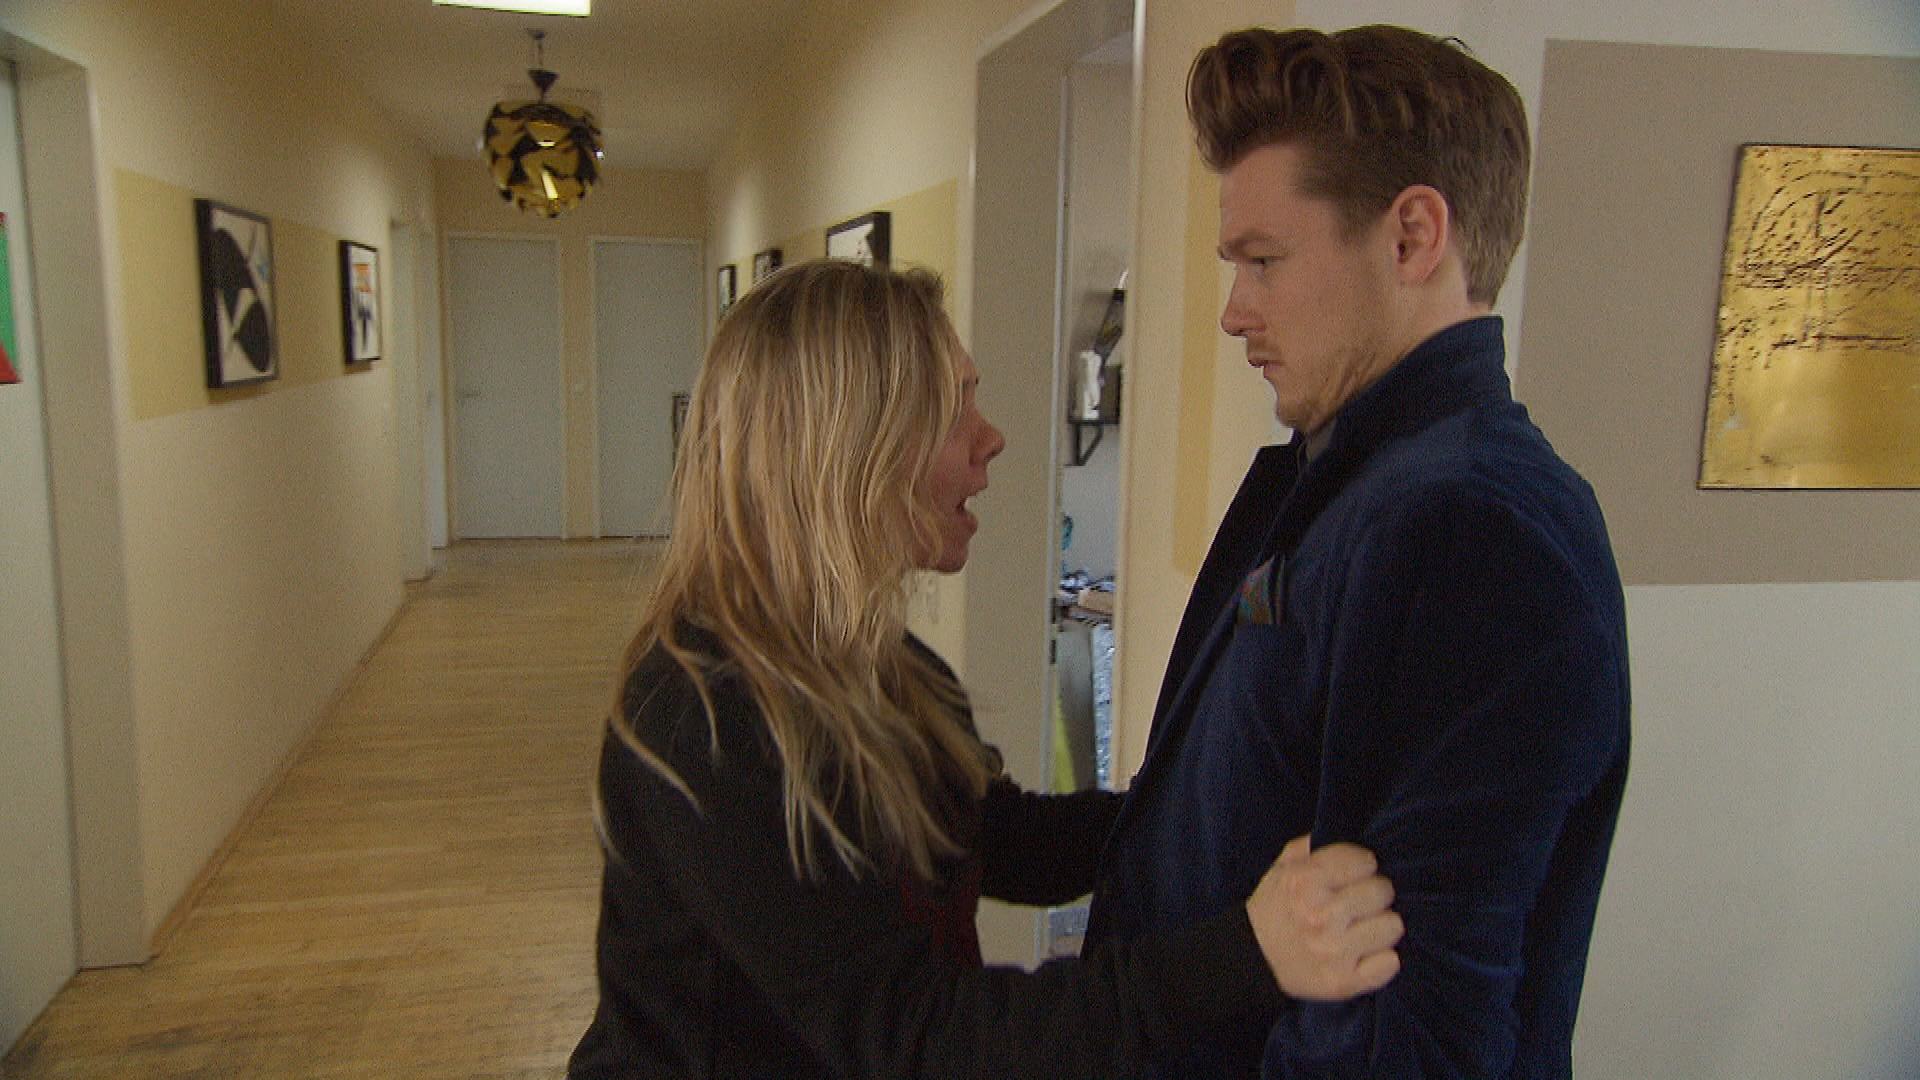 Valentin versucht, sich mit Frauen und Party von seiner Trauer abzulenken und riskiert dabei, dass eines seiner Dates sich eine schlimme Alkoholvergiftung zuzieht. (Quelle: RTL 2)